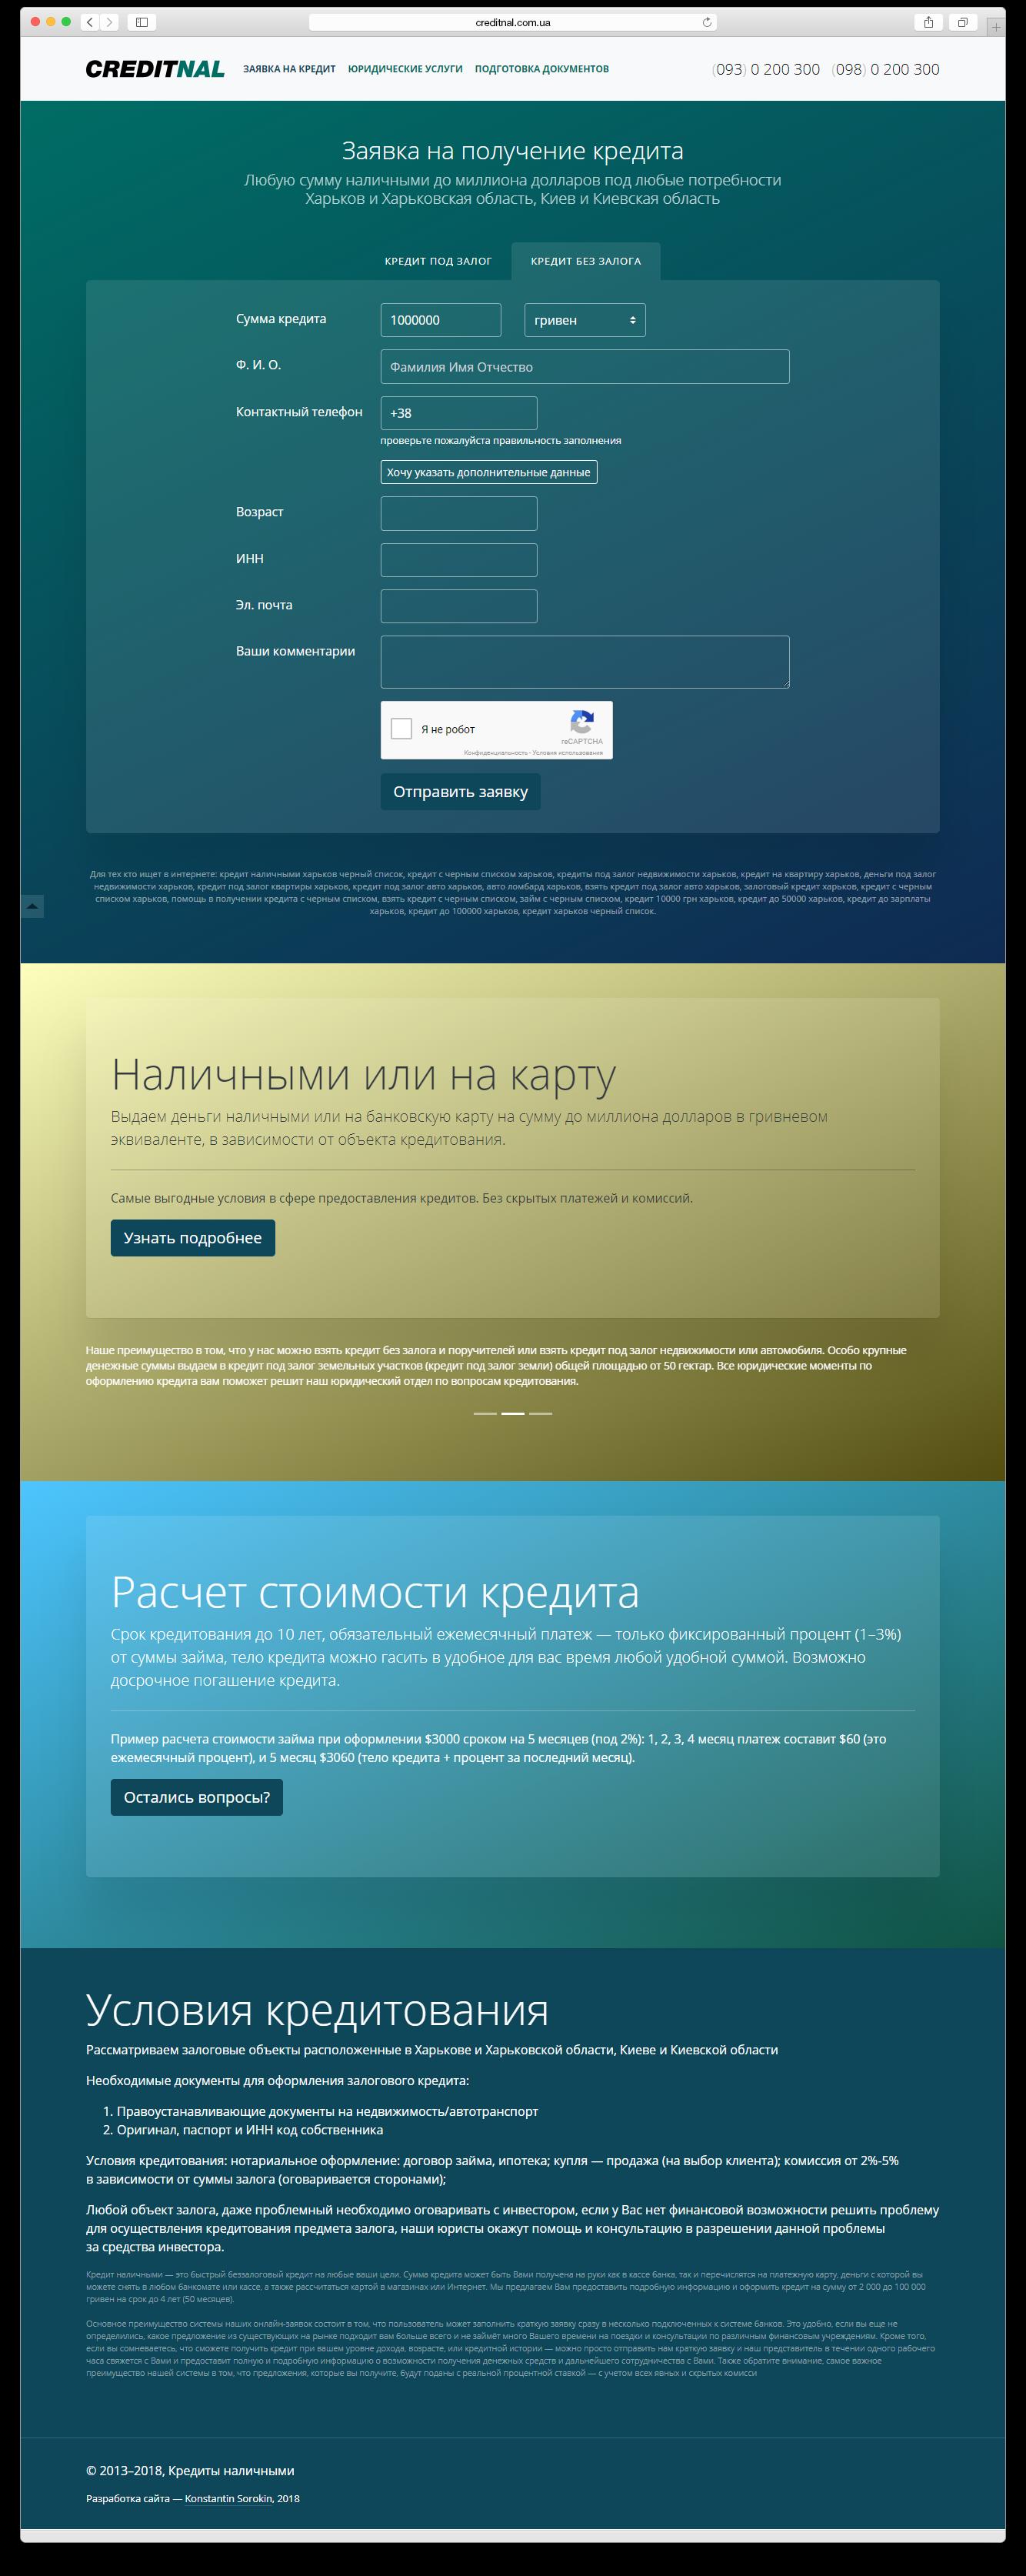 """Третья версия сайта кредитной организации """"creditnal.com.ua"""" — главная страница с расширенной формой заявки на кредит"""